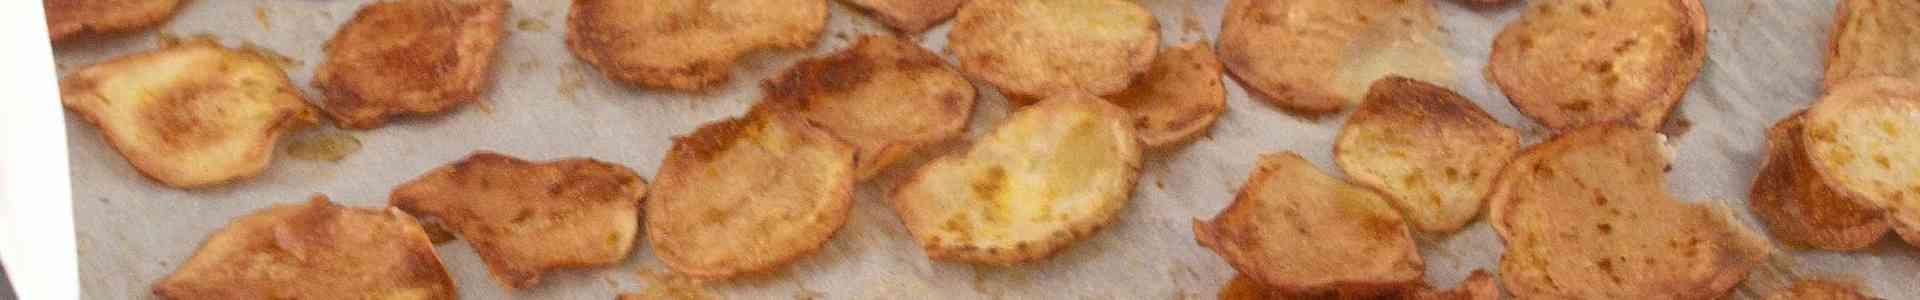 Zelfgemaakte oven-chips, ovenheerlijk!